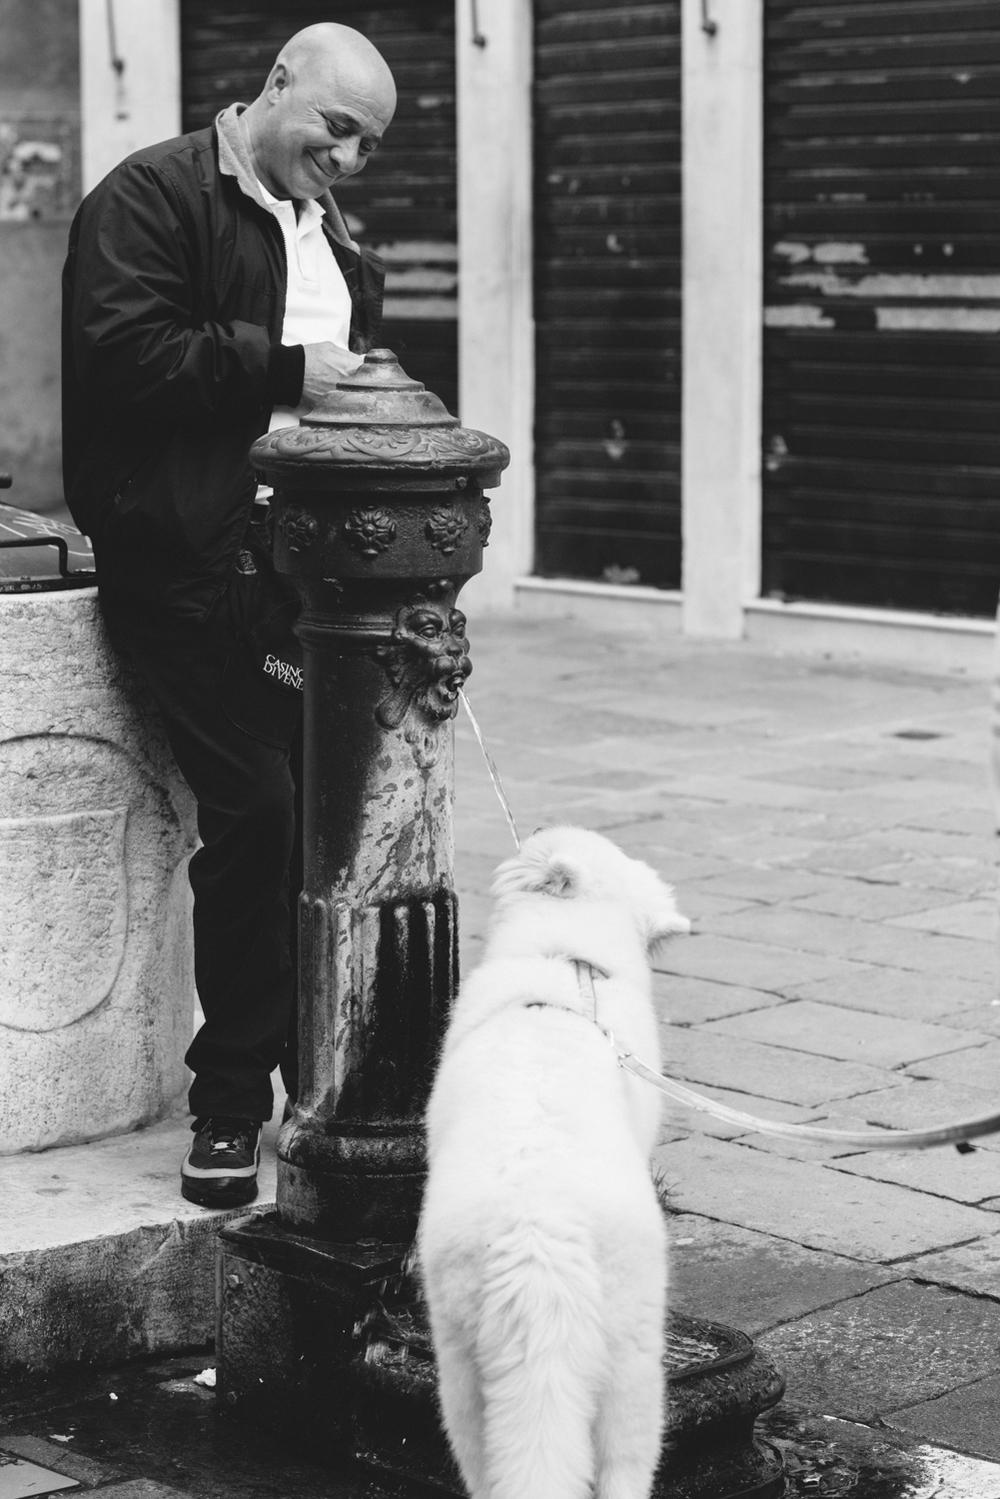 Venezia-5423.jpg